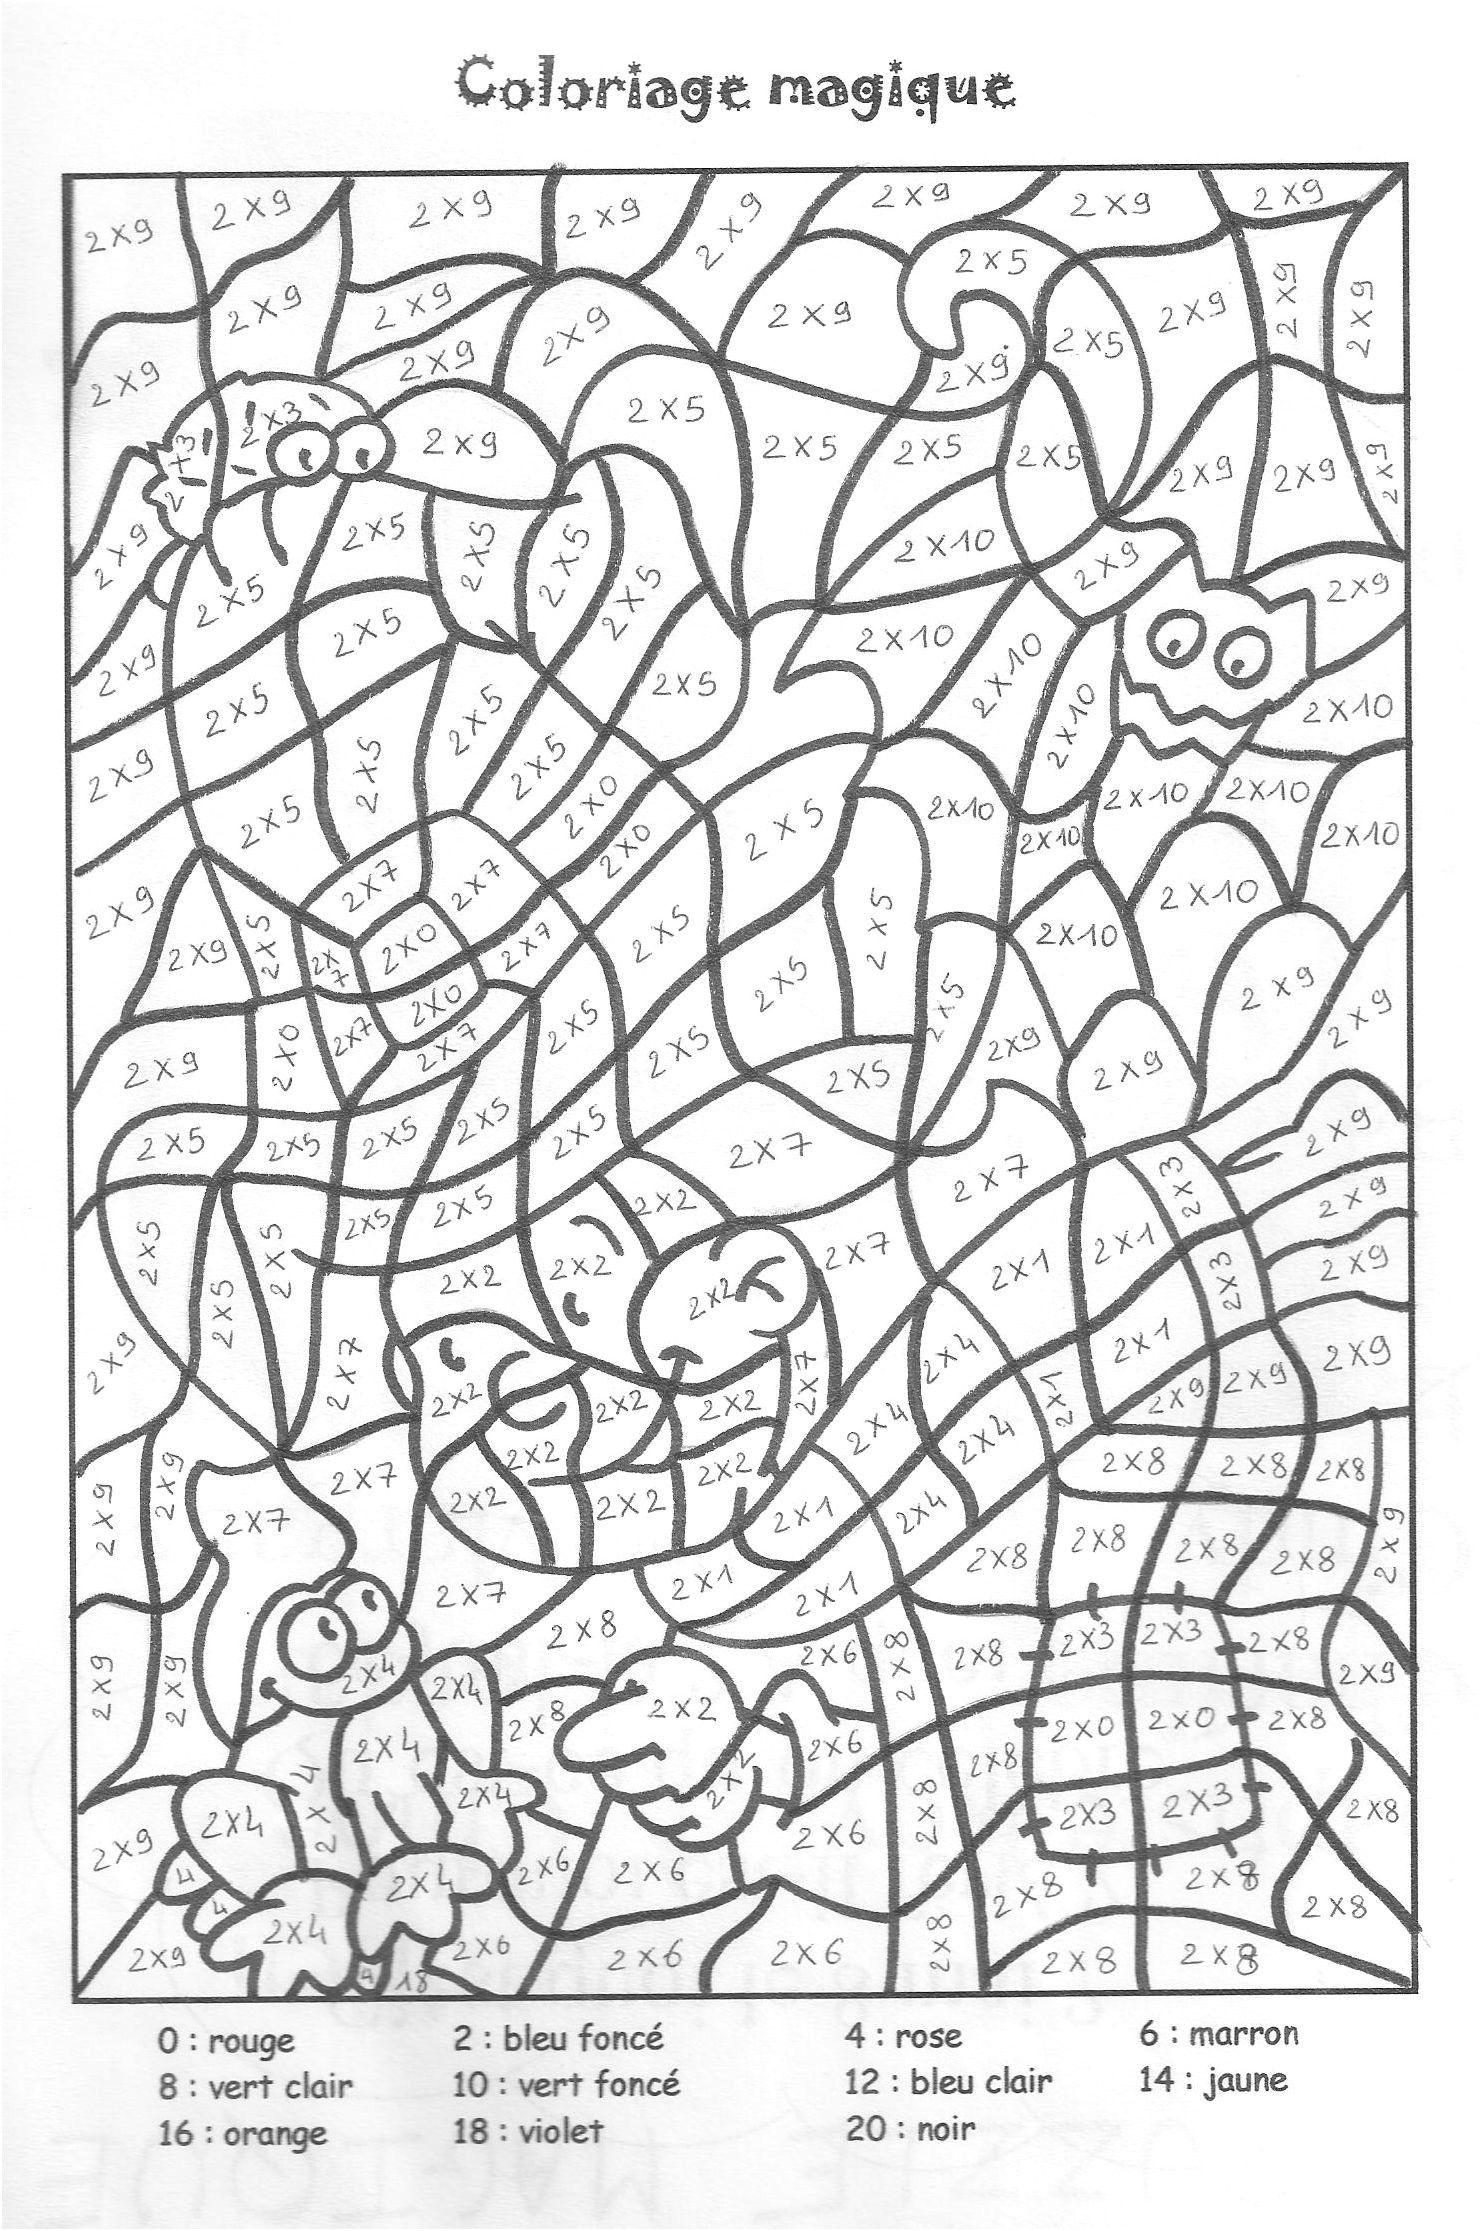 11 Lunatique Coloriage Magique Ce1 Multiplication Pics Coloriage Magique Ce1 Coloriage Magique Multiplication Coloriage Magique